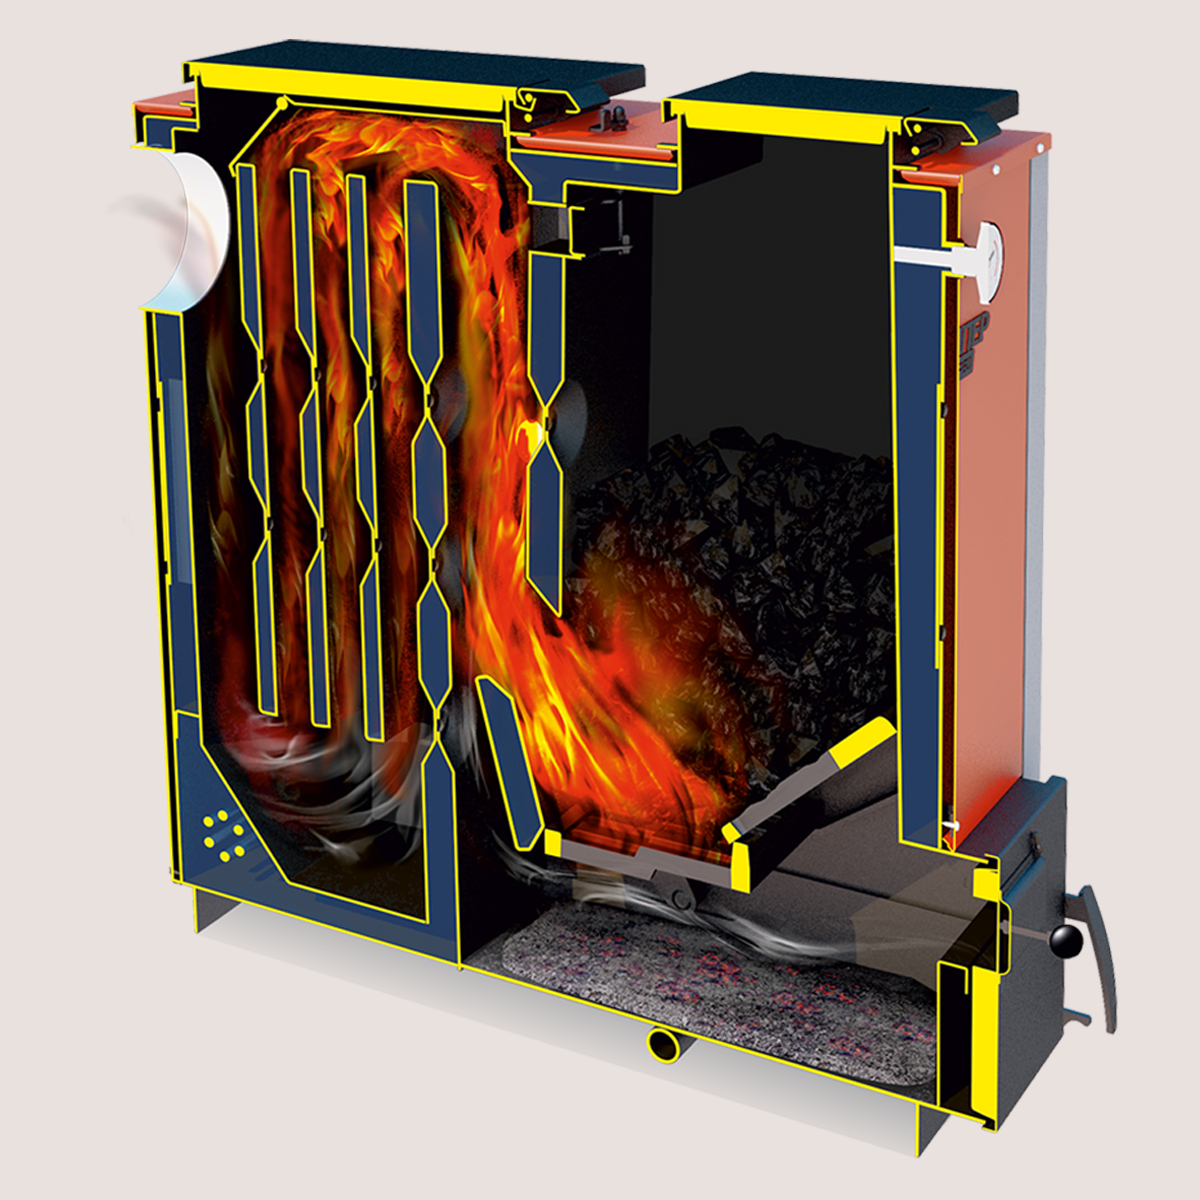 Пиролизные котлы длительного горения с водяным контуром: обзор характеристик, плюсы и минусы